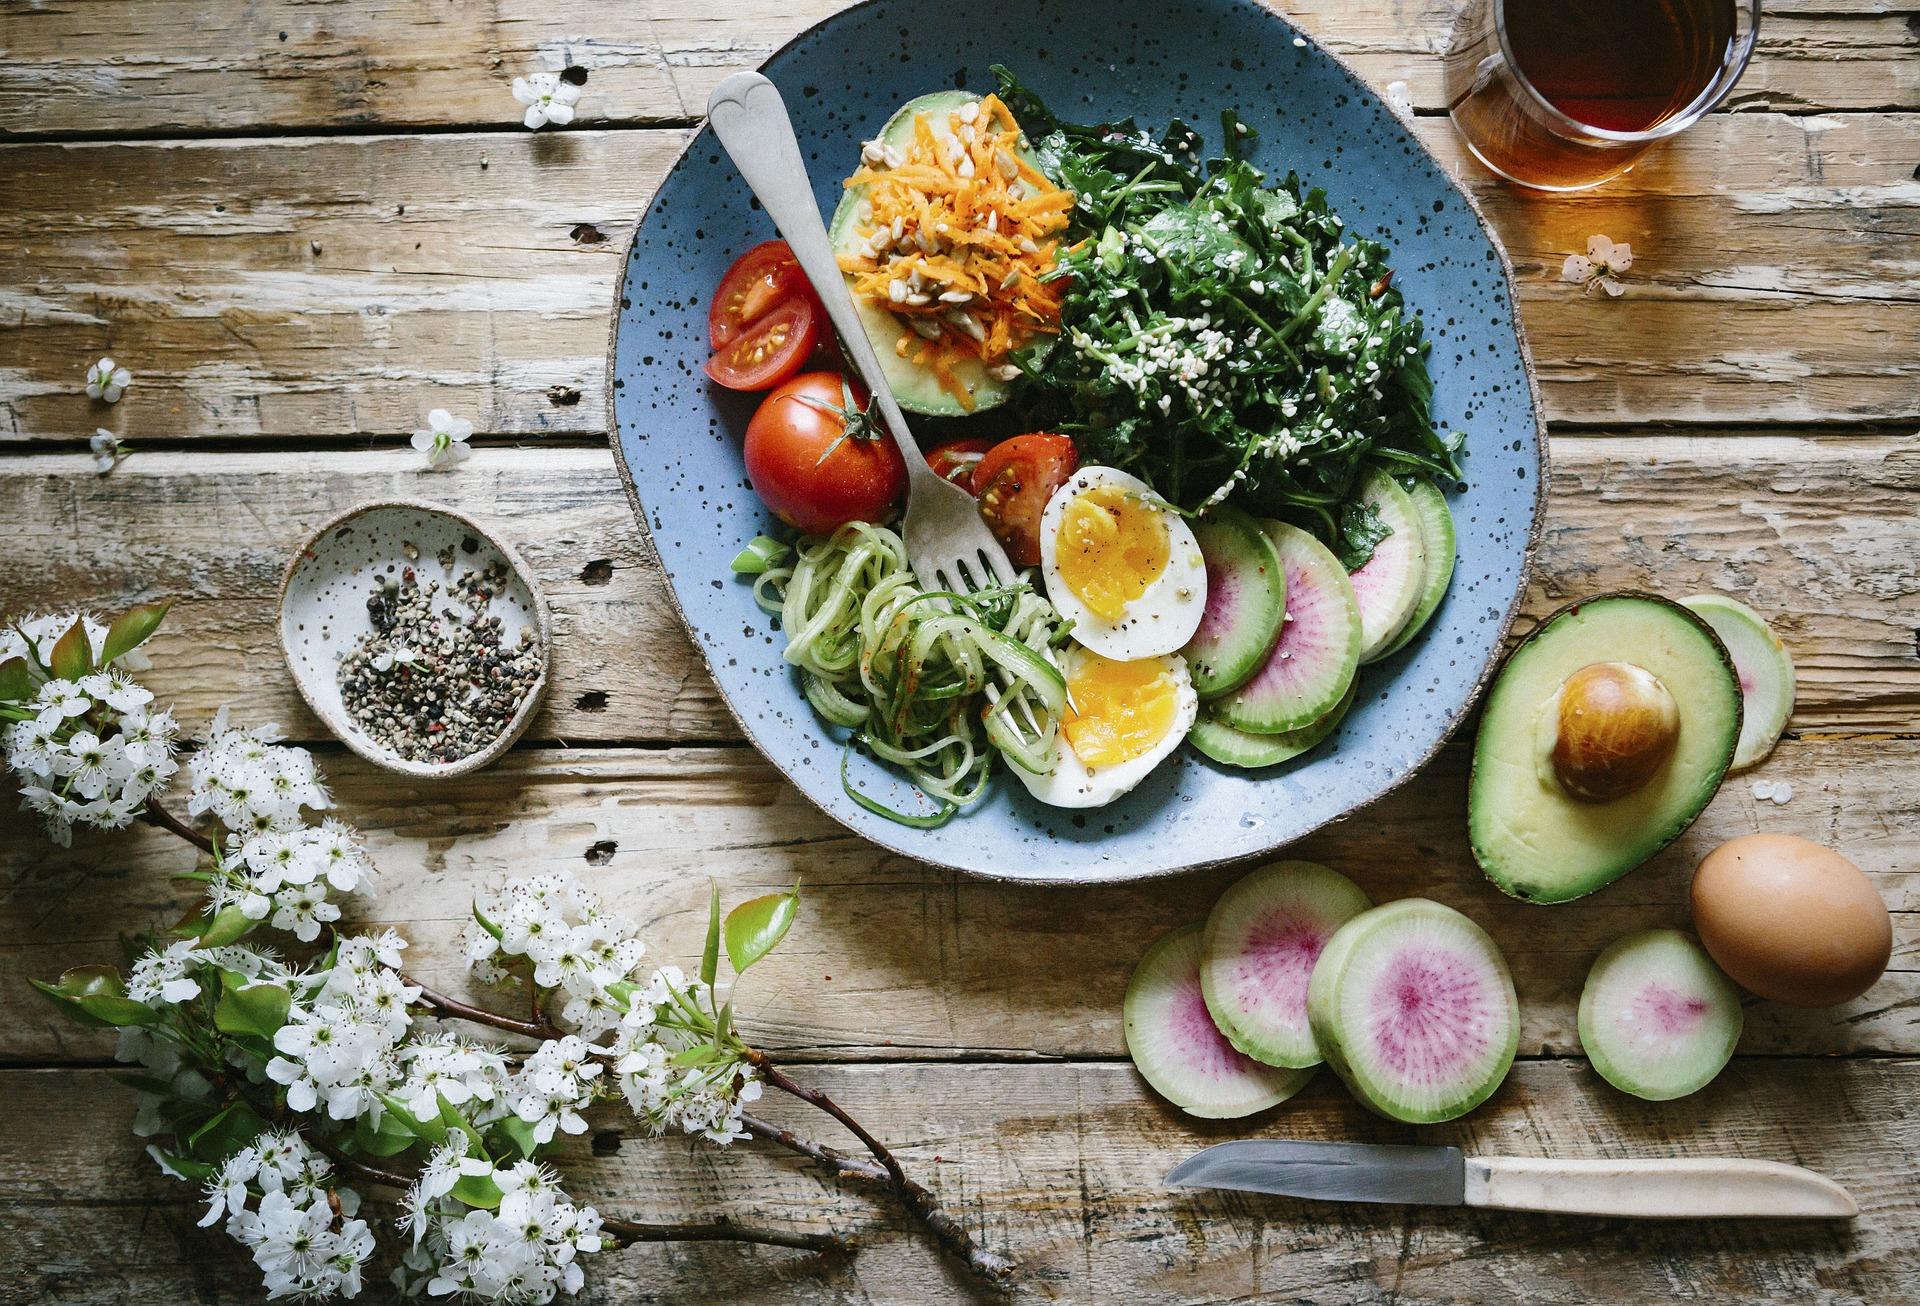 qué fruta puedes comer en la dieta cetosis